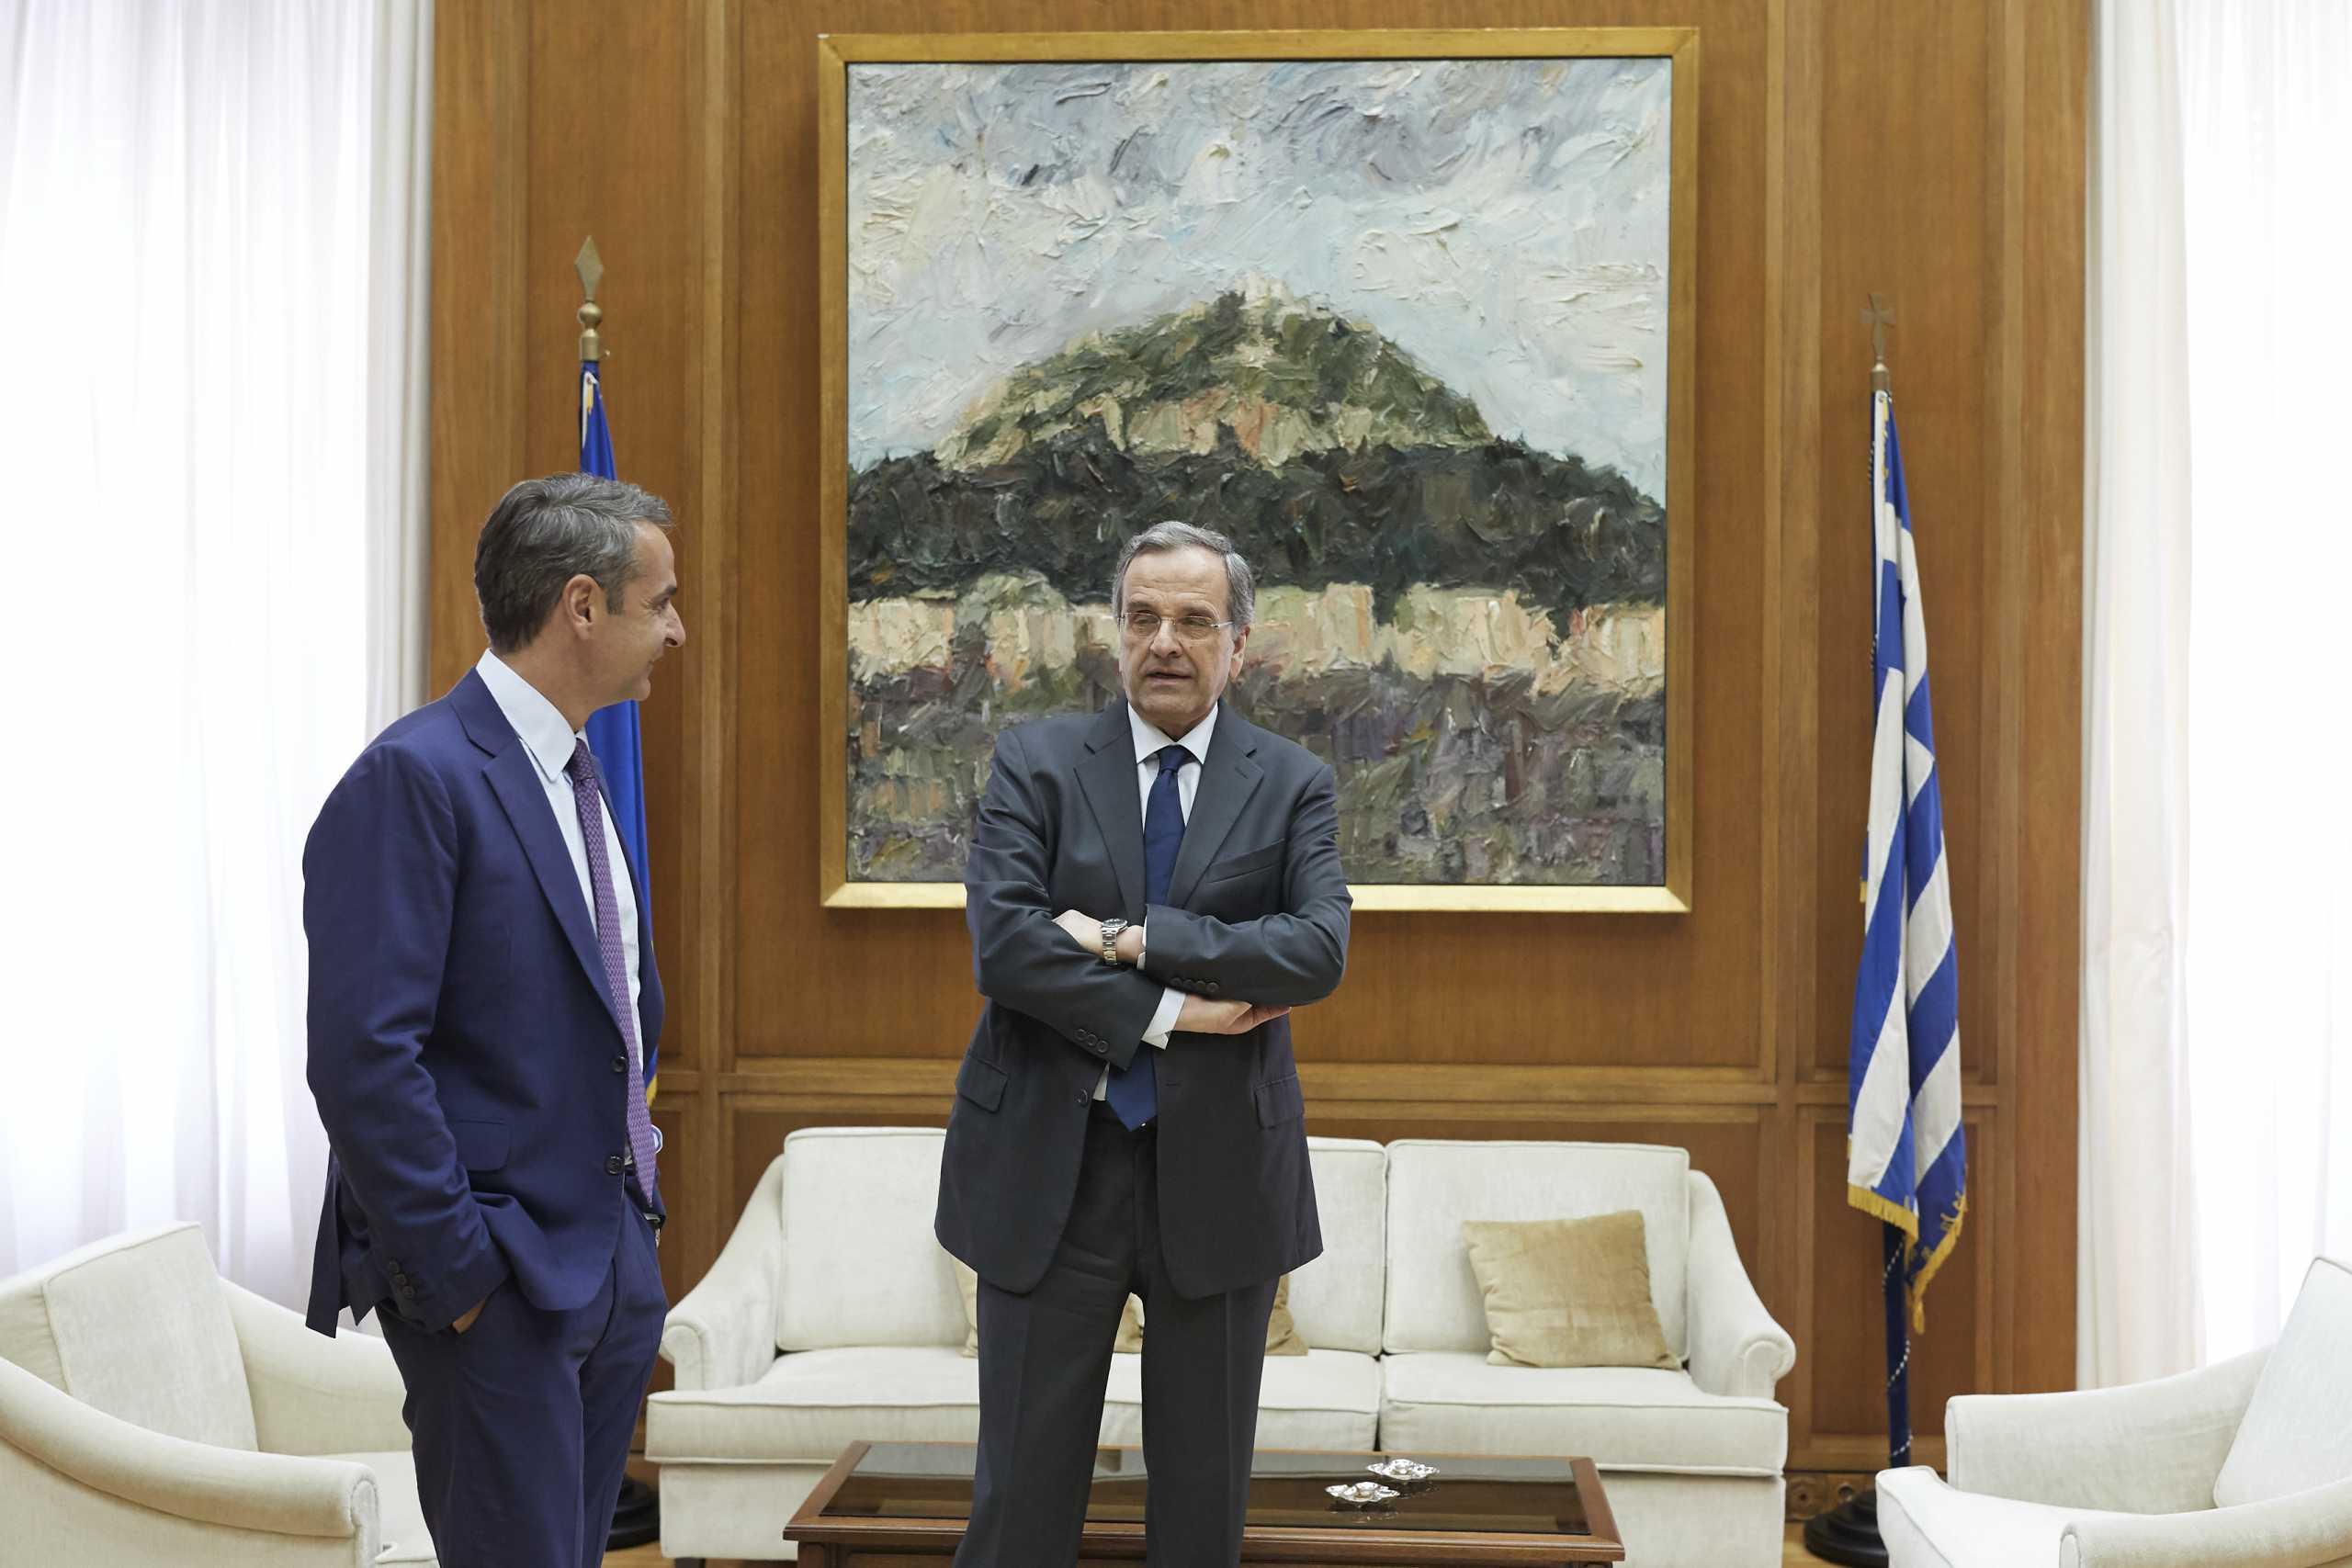 Αντώνης Σαμαράς: Ο Κυριάκος Μητσοτάκης θα έπρεπε να ασκήσει βέτο για την Αμμόχωστο